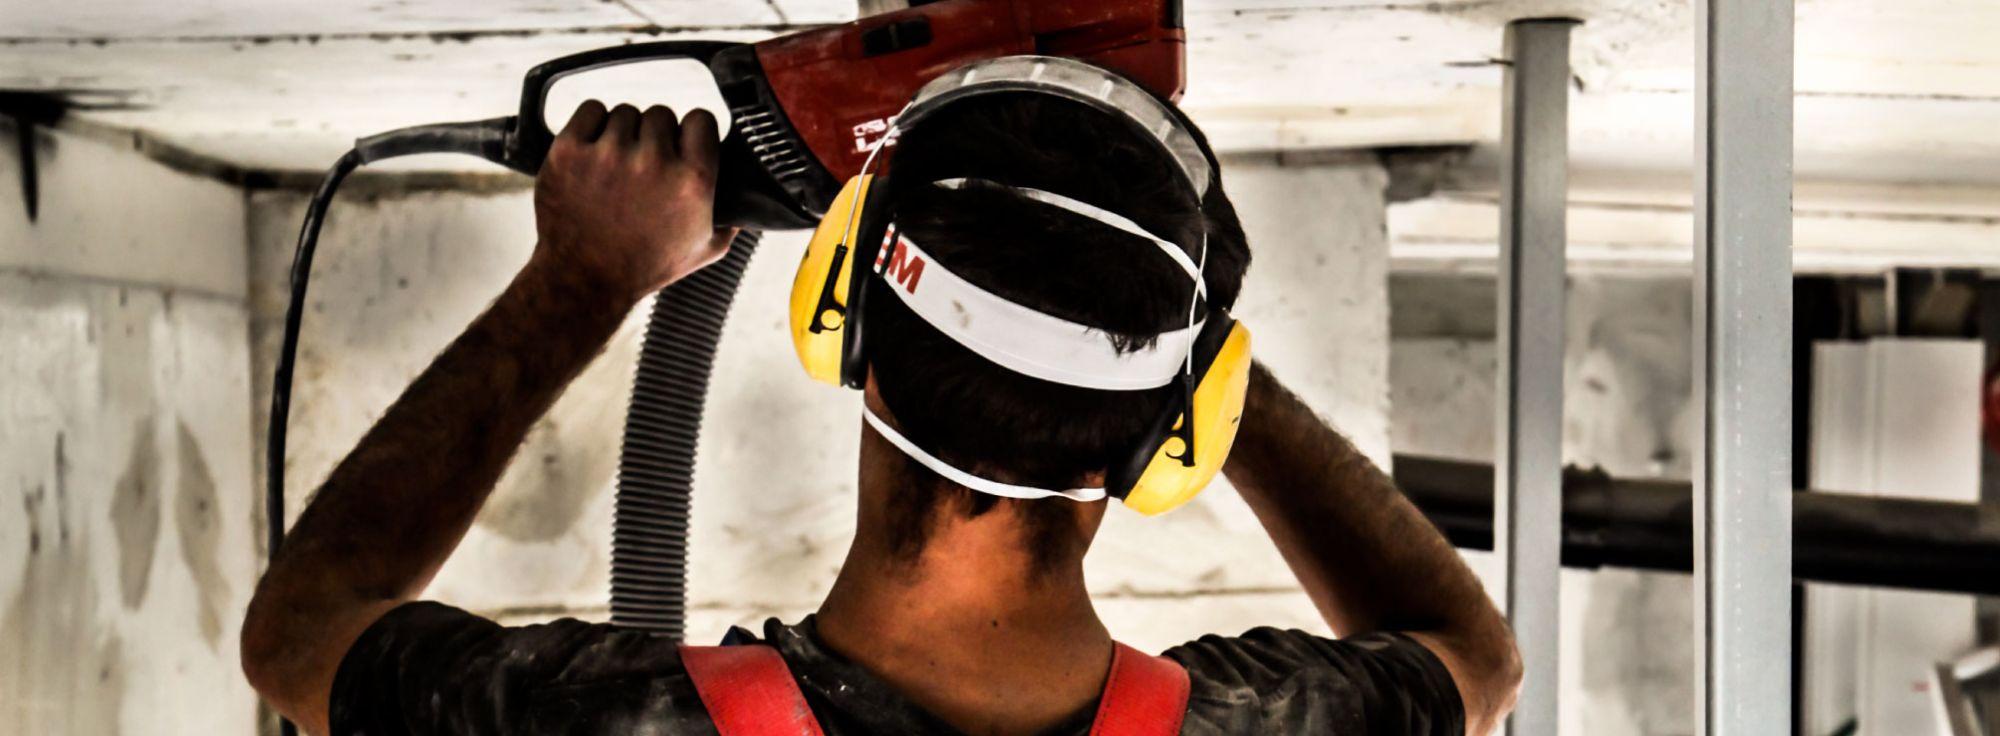 בנין-הארץ-עבודות-הנדסה-מיוחדות-וחיזוק-תקרות-פלקל